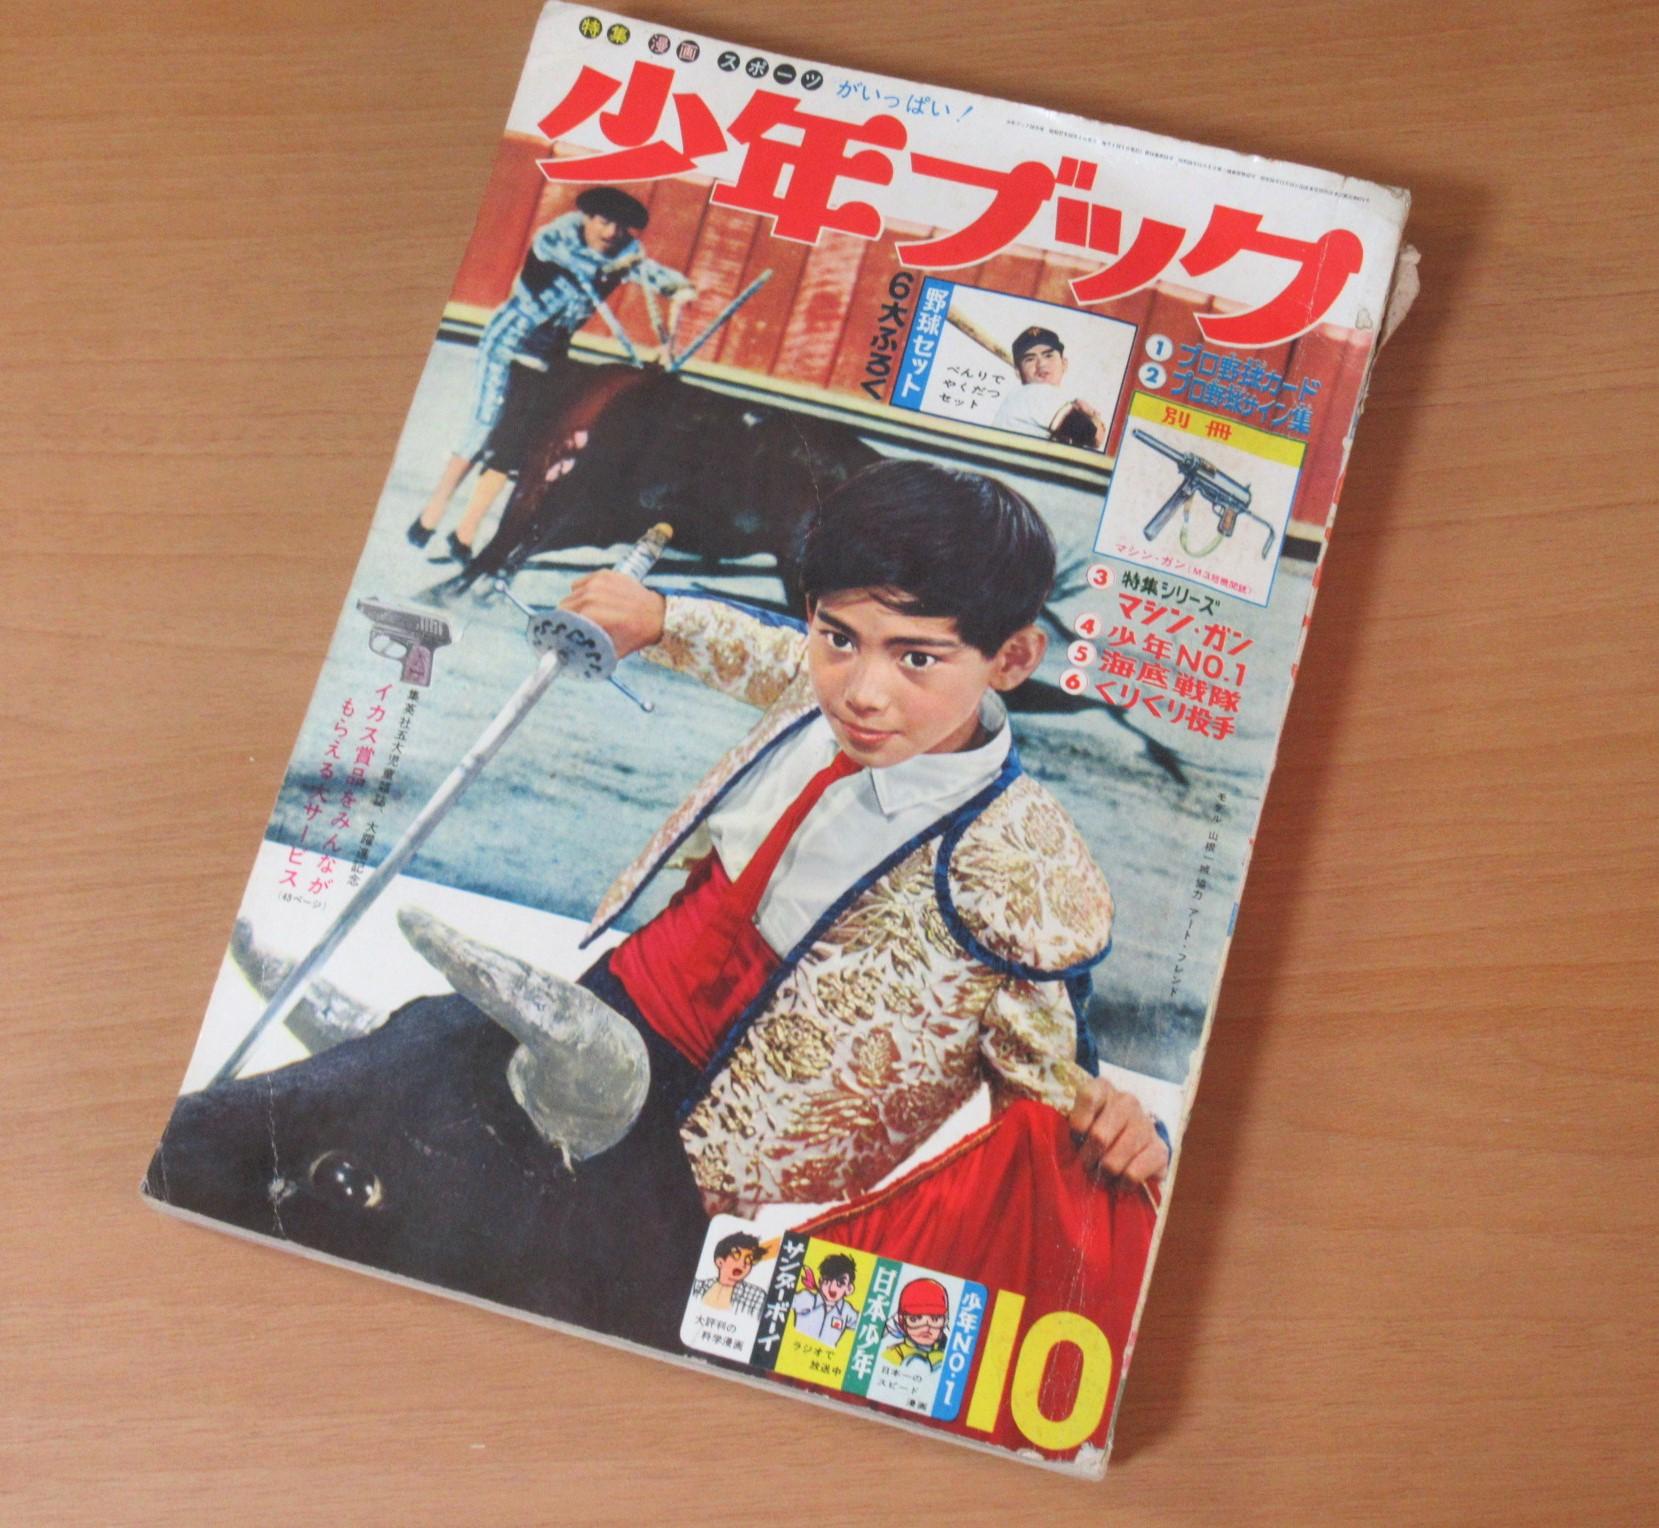 少年ブック買取 1962年10月号 昭和37年 サンダーボーイ ファイター健 日本少年 少年No.1 くりくり投手 黒い荒野 火星ちゃん